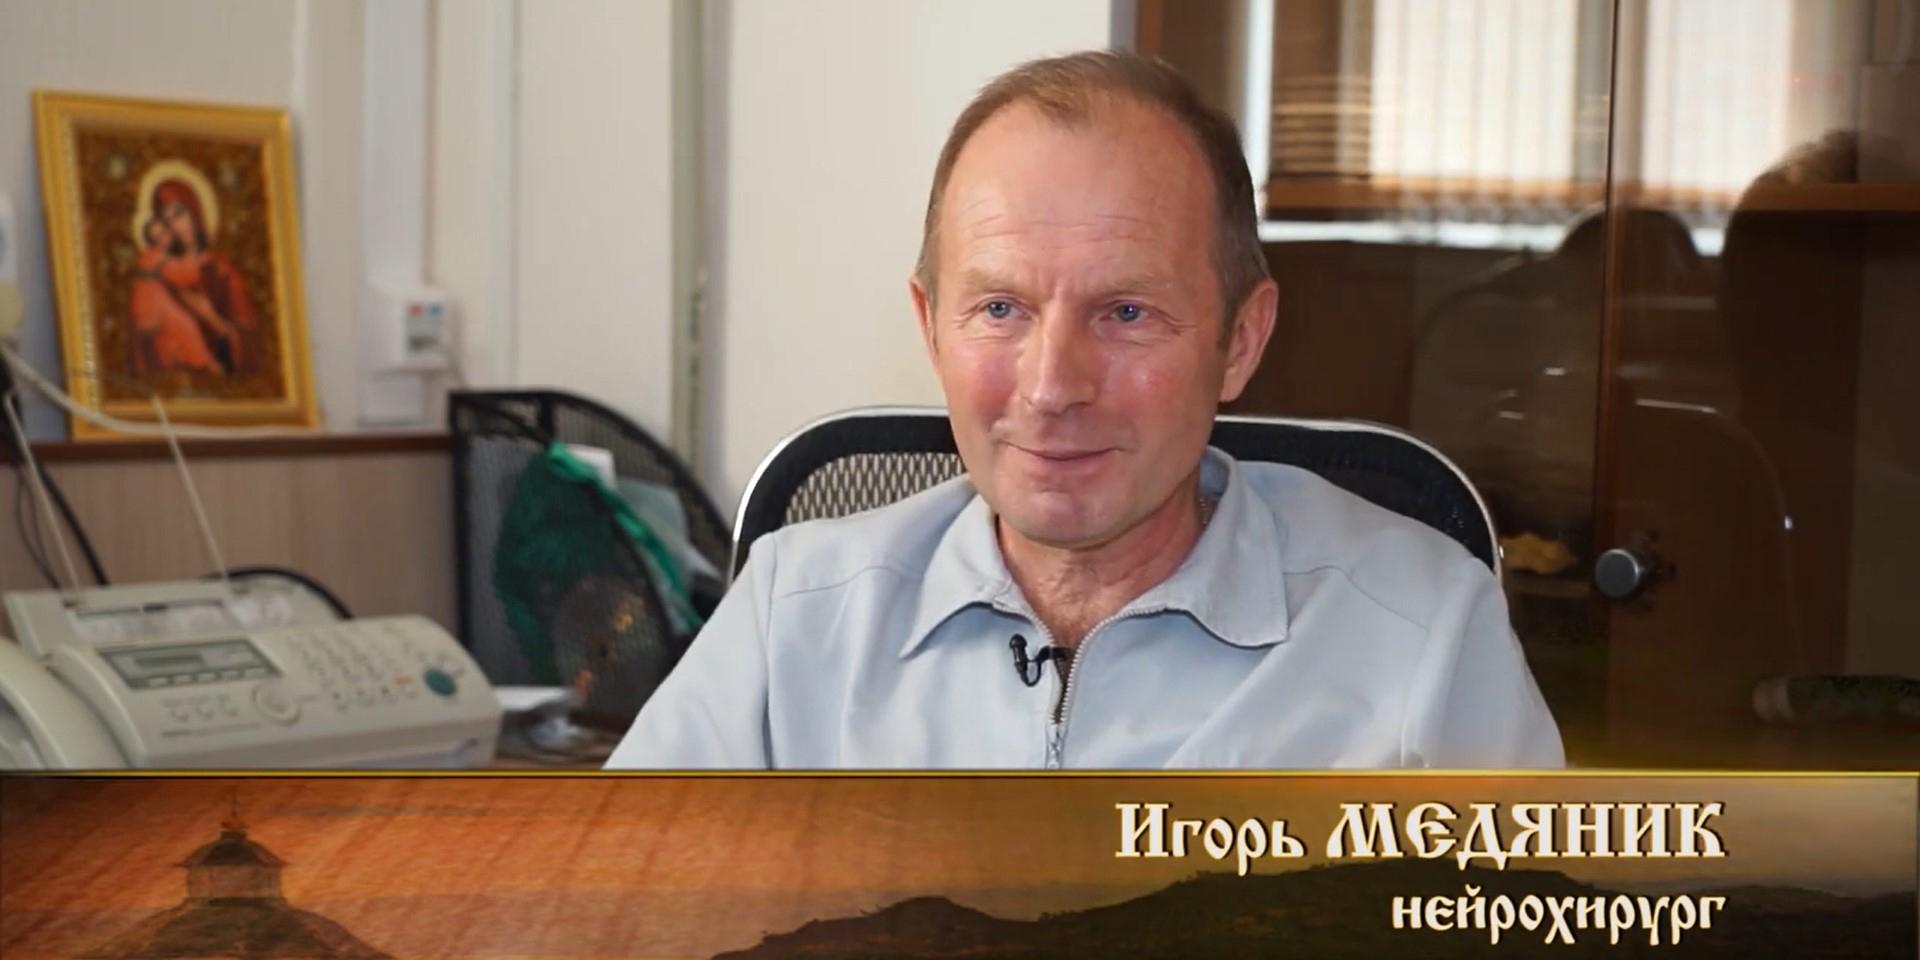 Победитель конкурса «Серафимовский врач – 2020» – Игорь Медяник